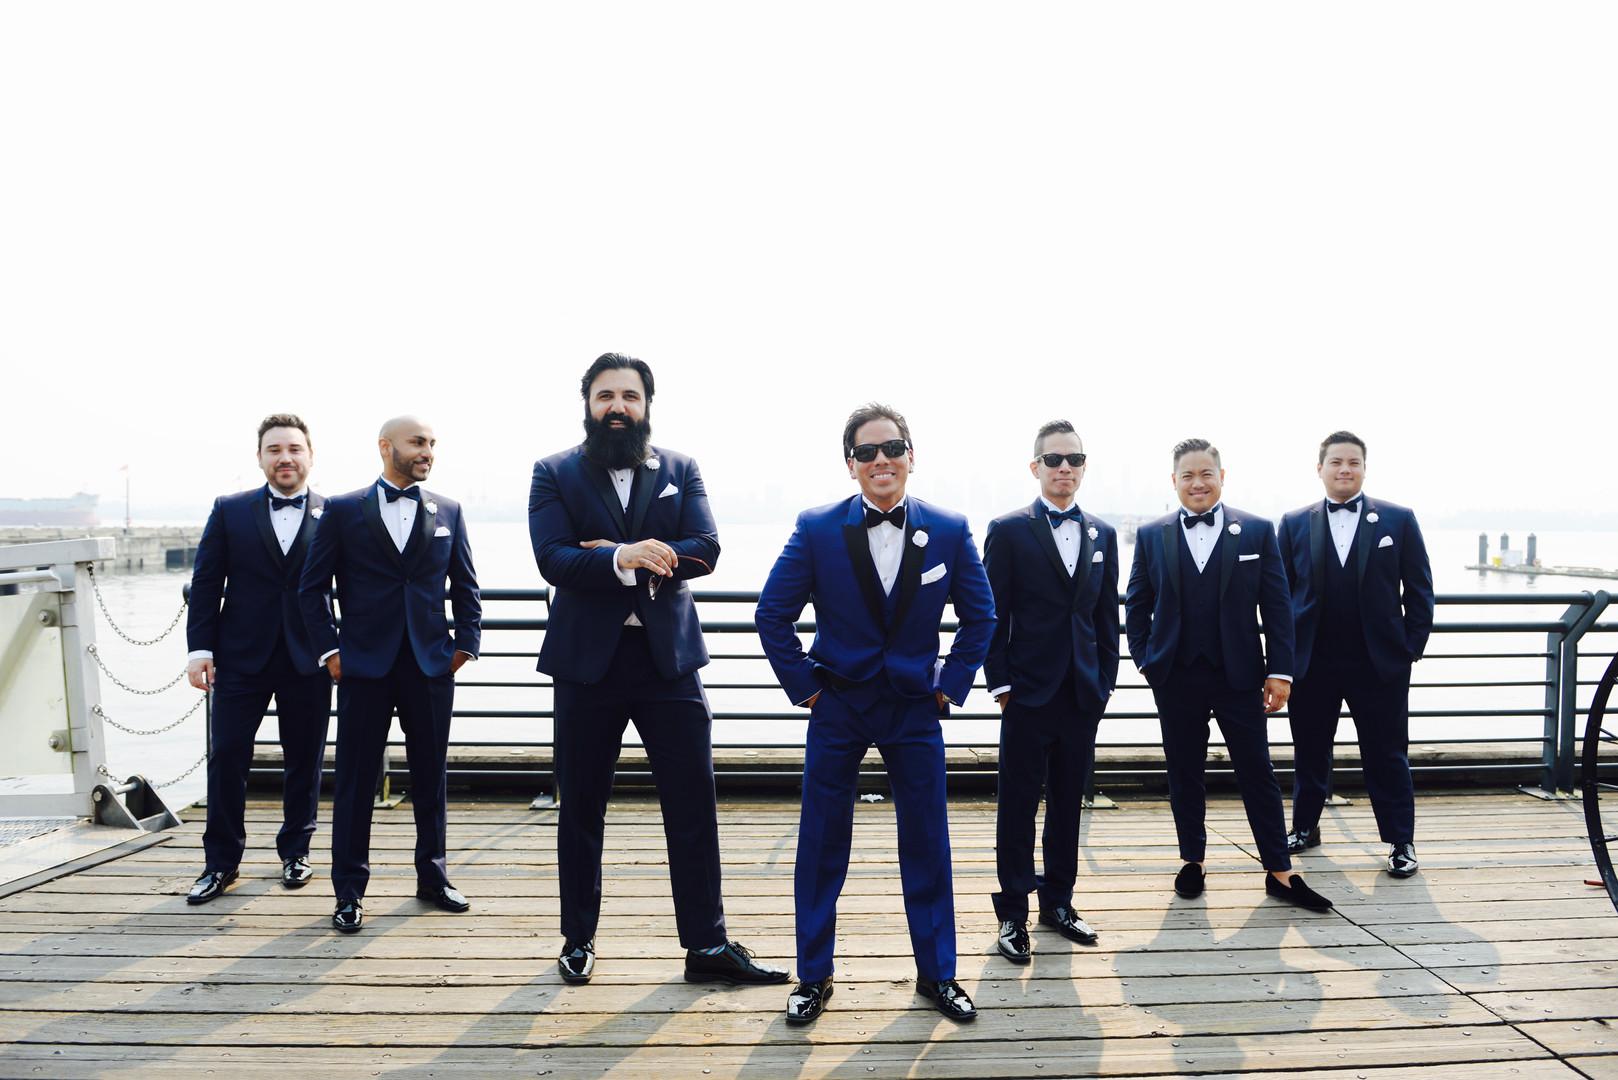 Vancouver Groomsmen Photo